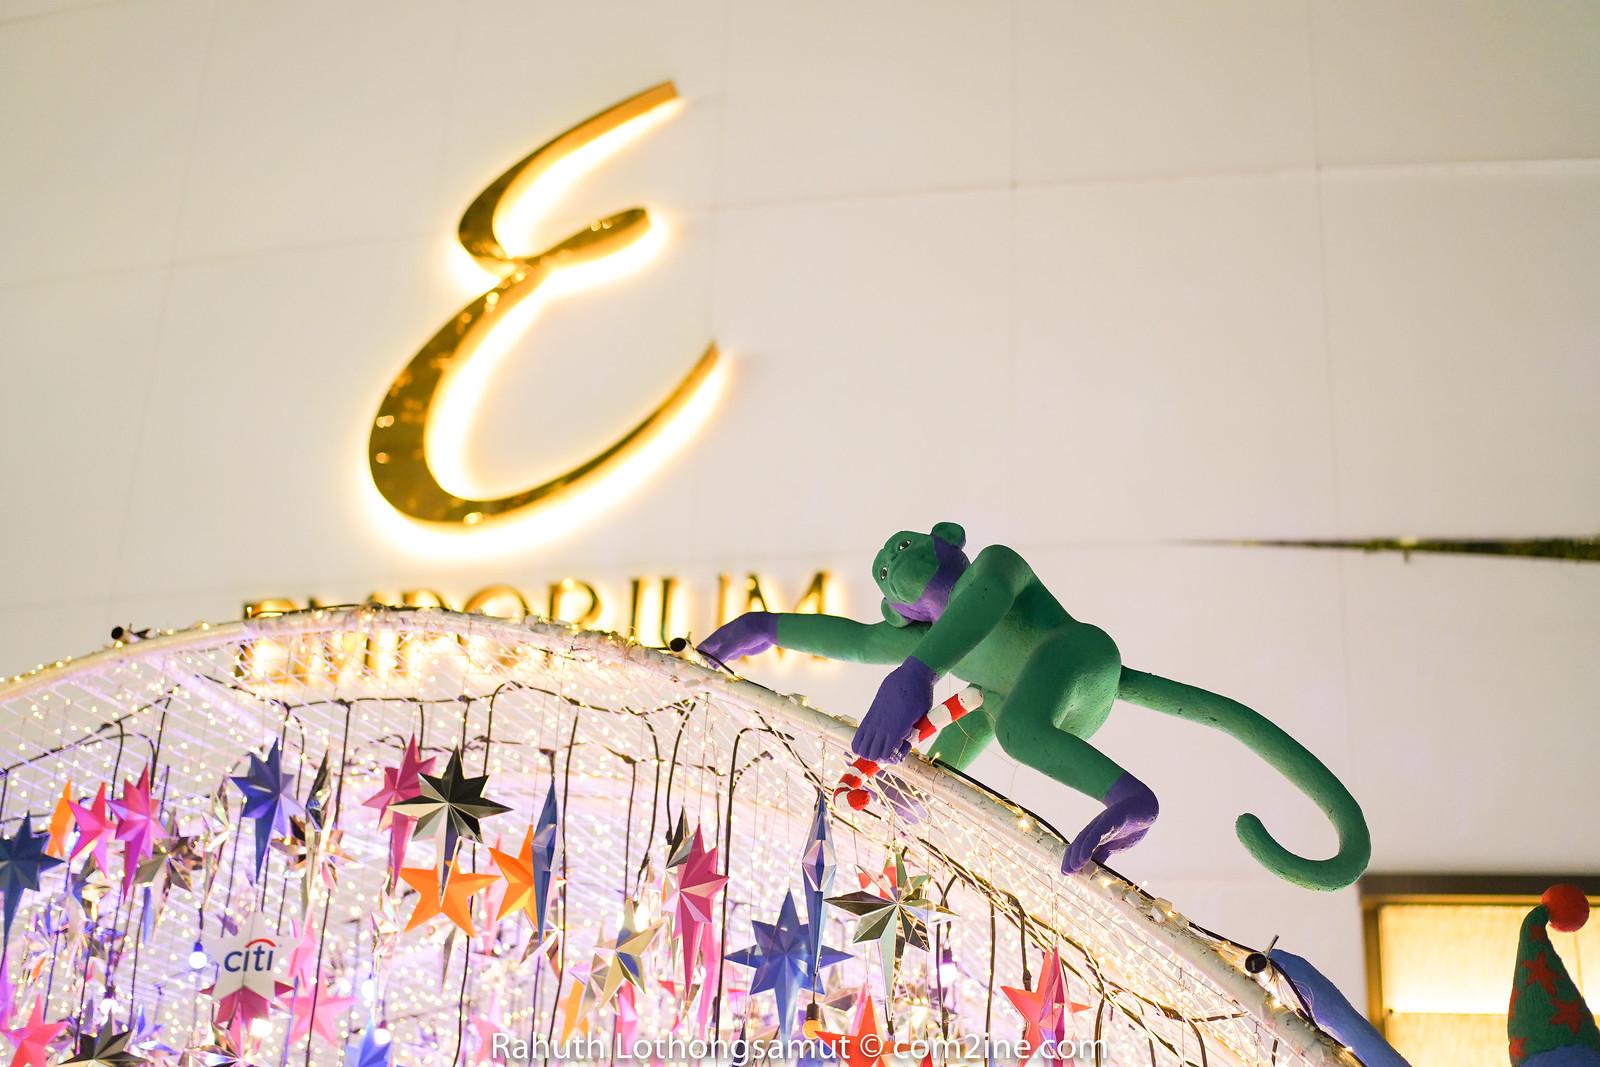 ทางเข้า ถ่ายไฟคริสต์มาส ถ่ายไฟปีใหม่ 2020 - Emporium Emquartier เอ็มโพเรี่ยม